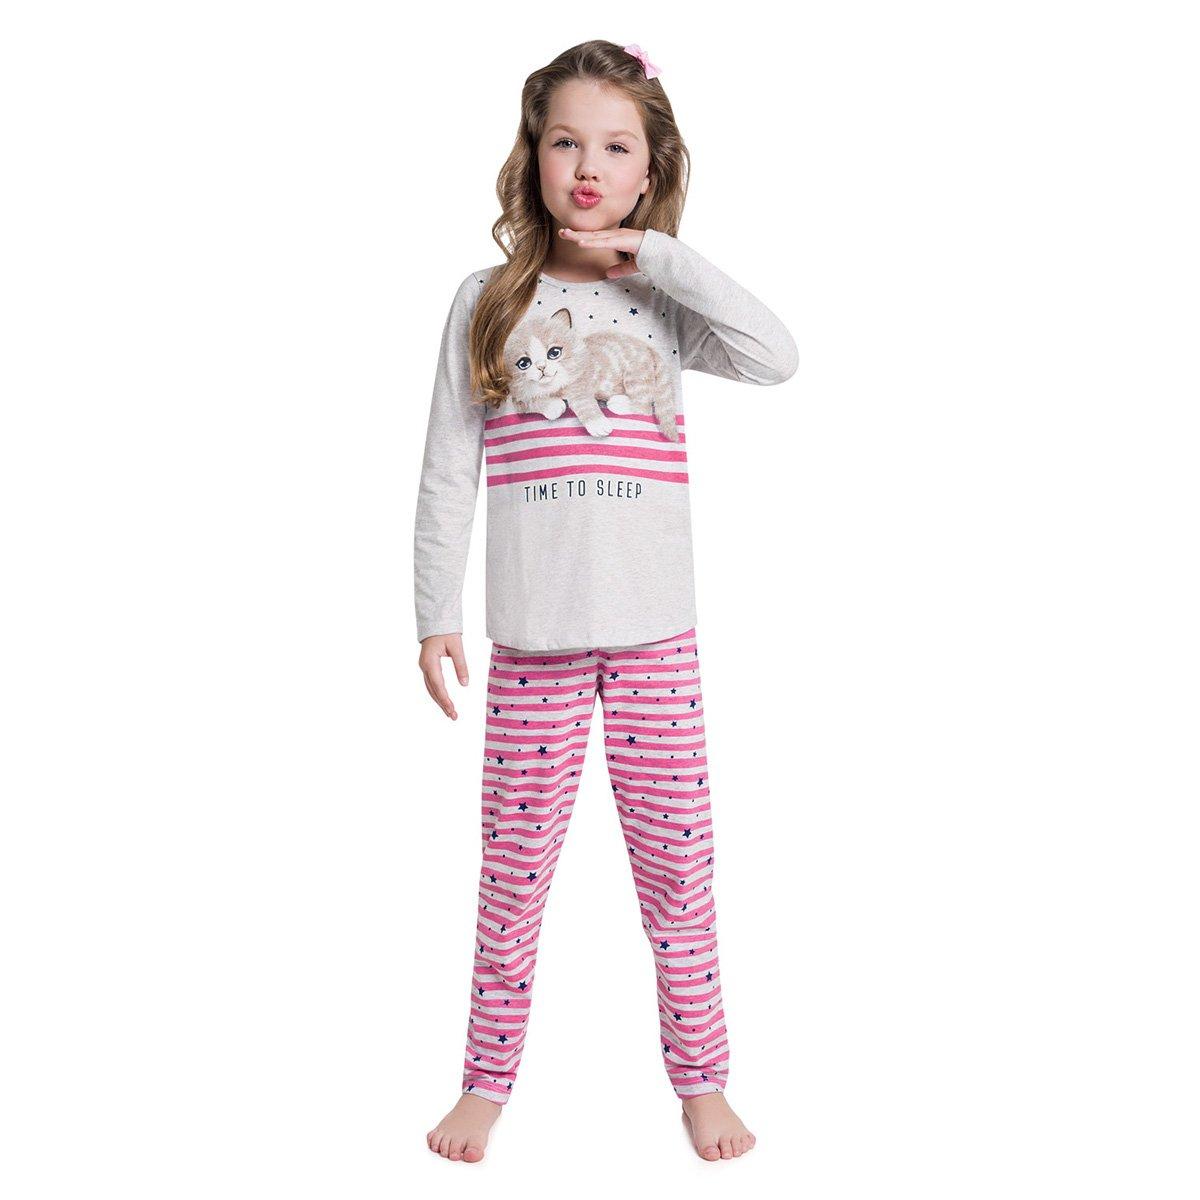 eab3a88b55 Pijama Infantil Kyly Gatinho Manga Longa Feminino